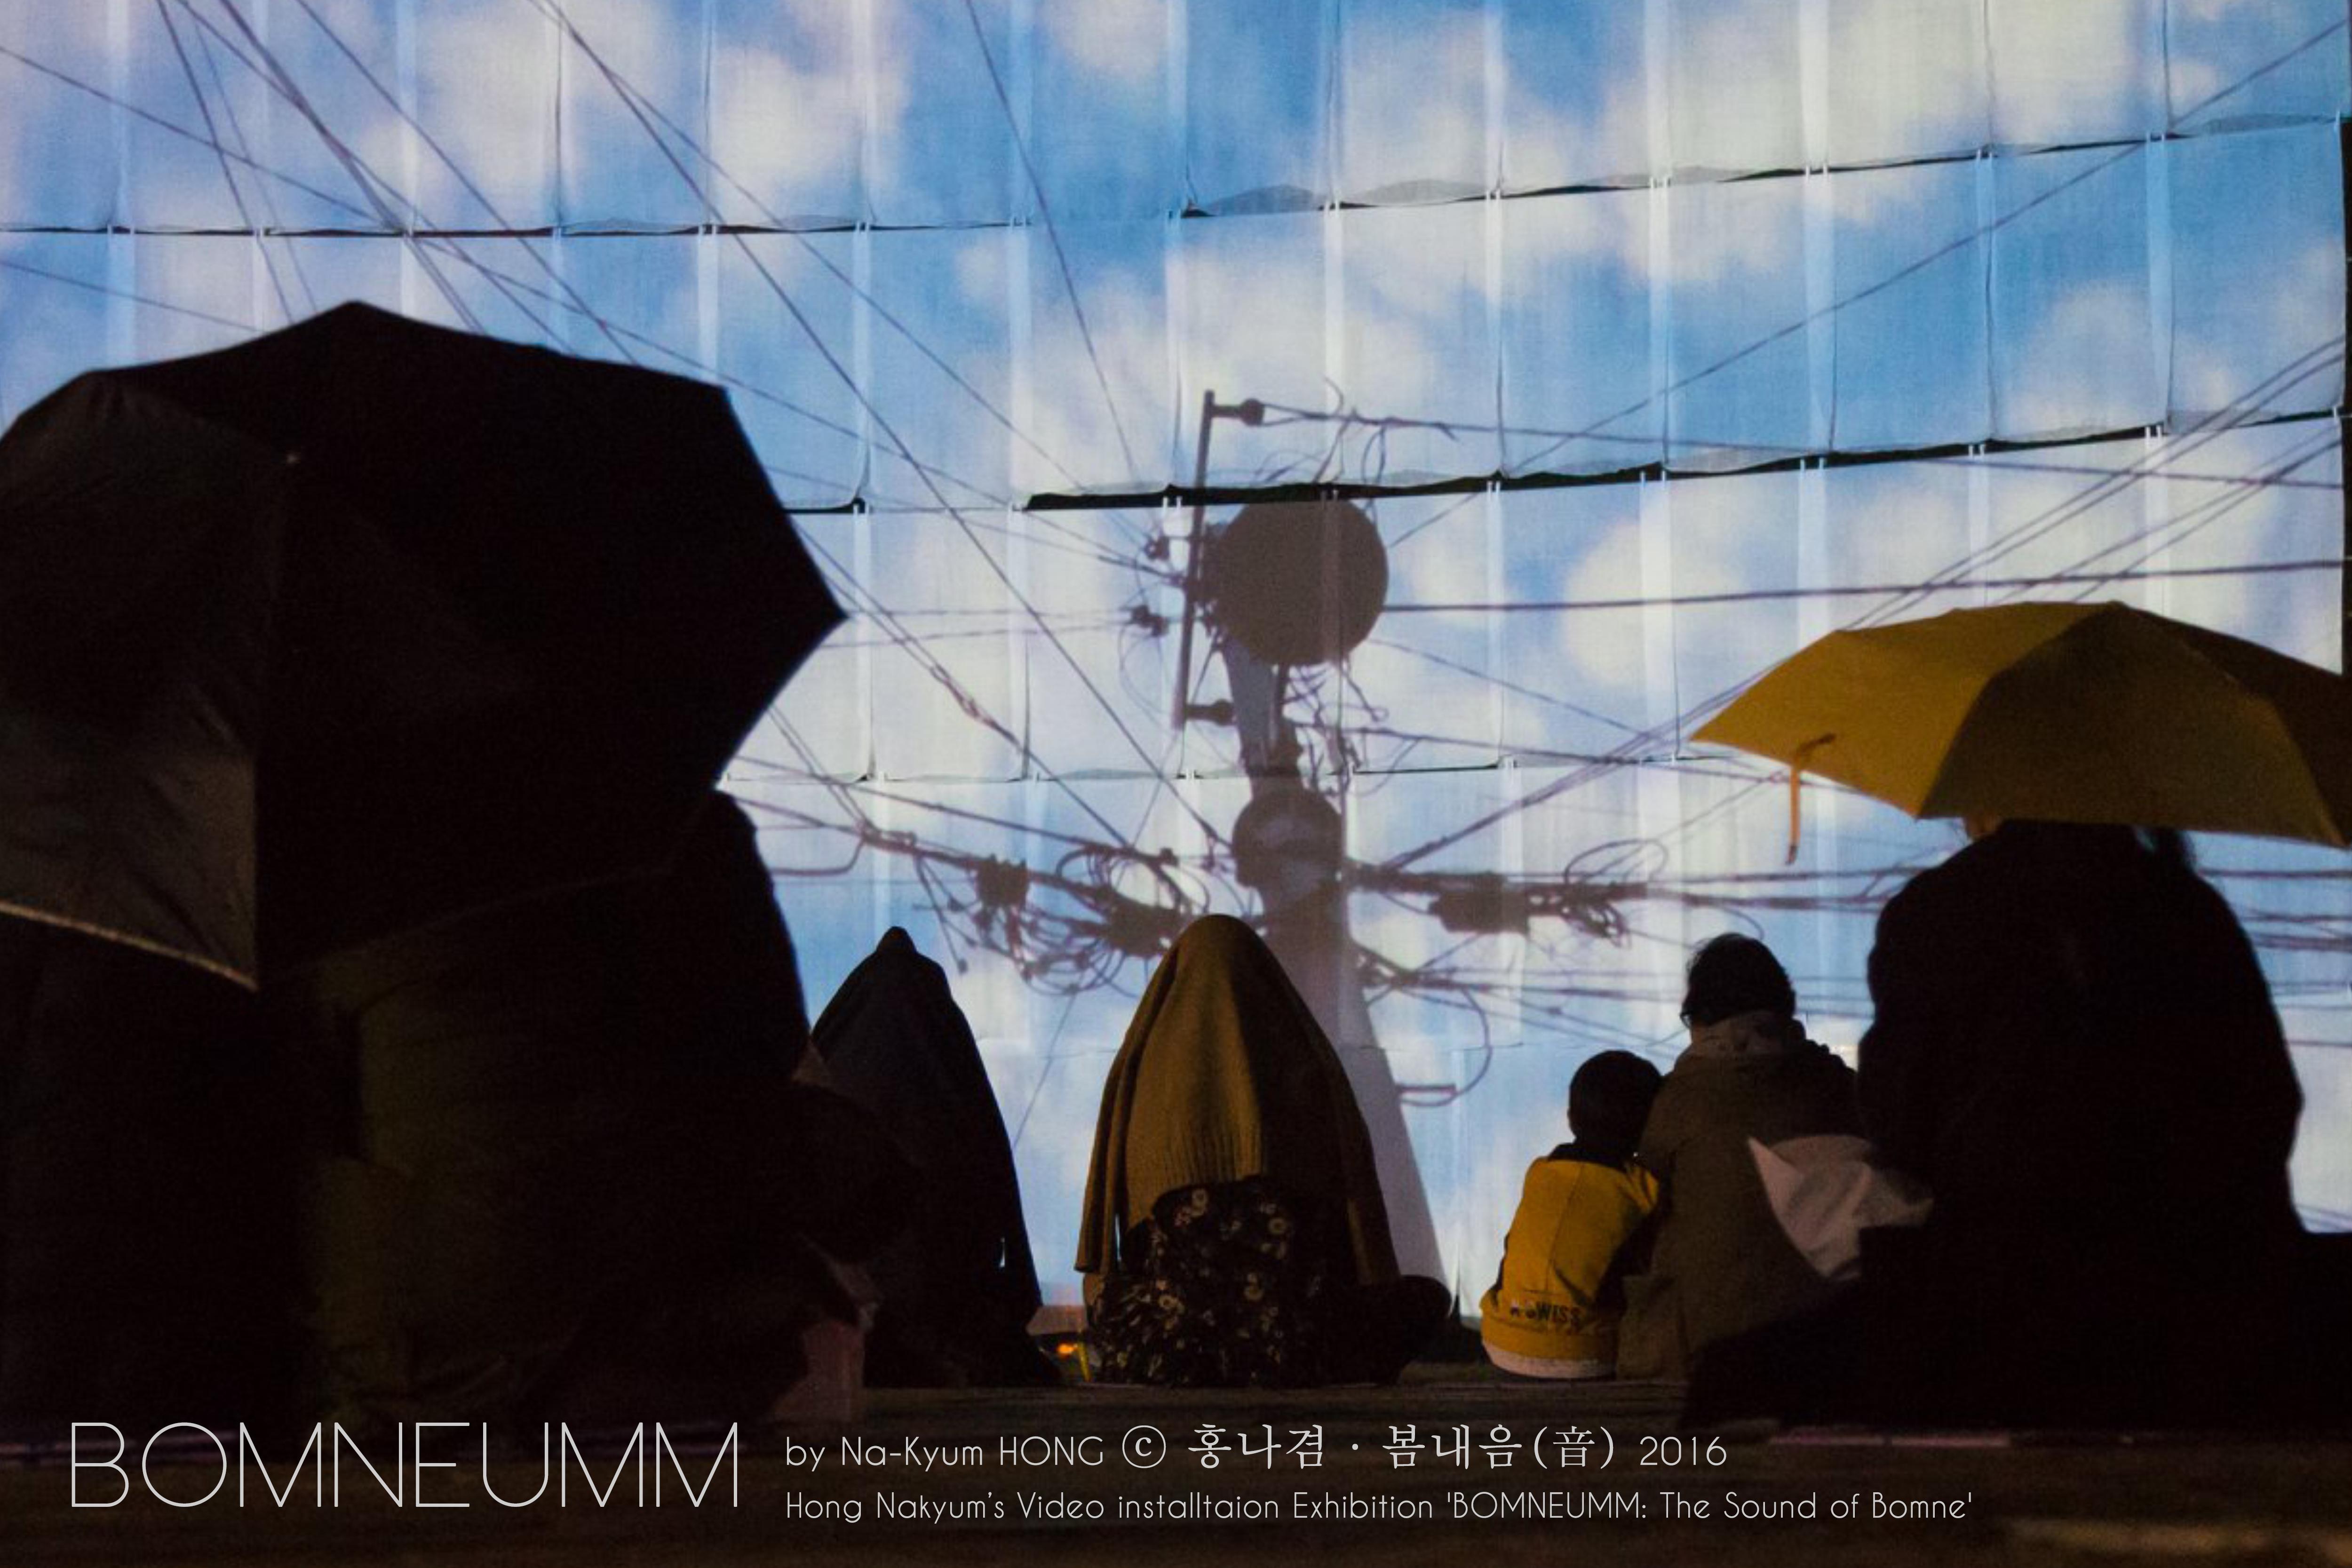 Bomneumm by NK HONG 2016